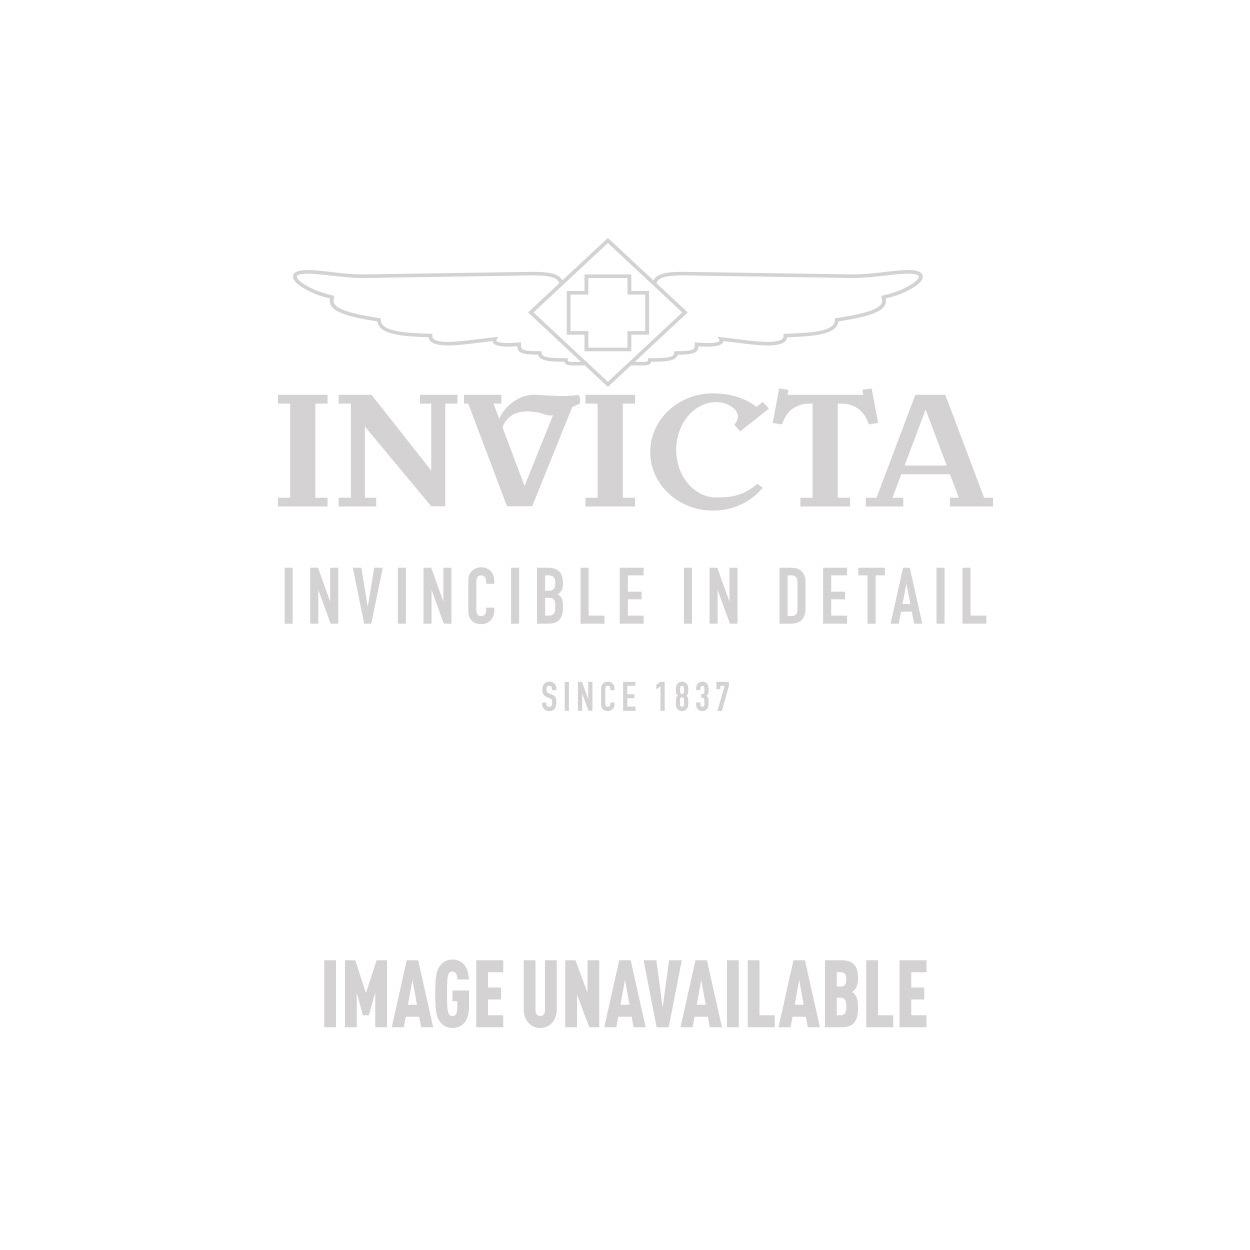 Invicta Model 27968